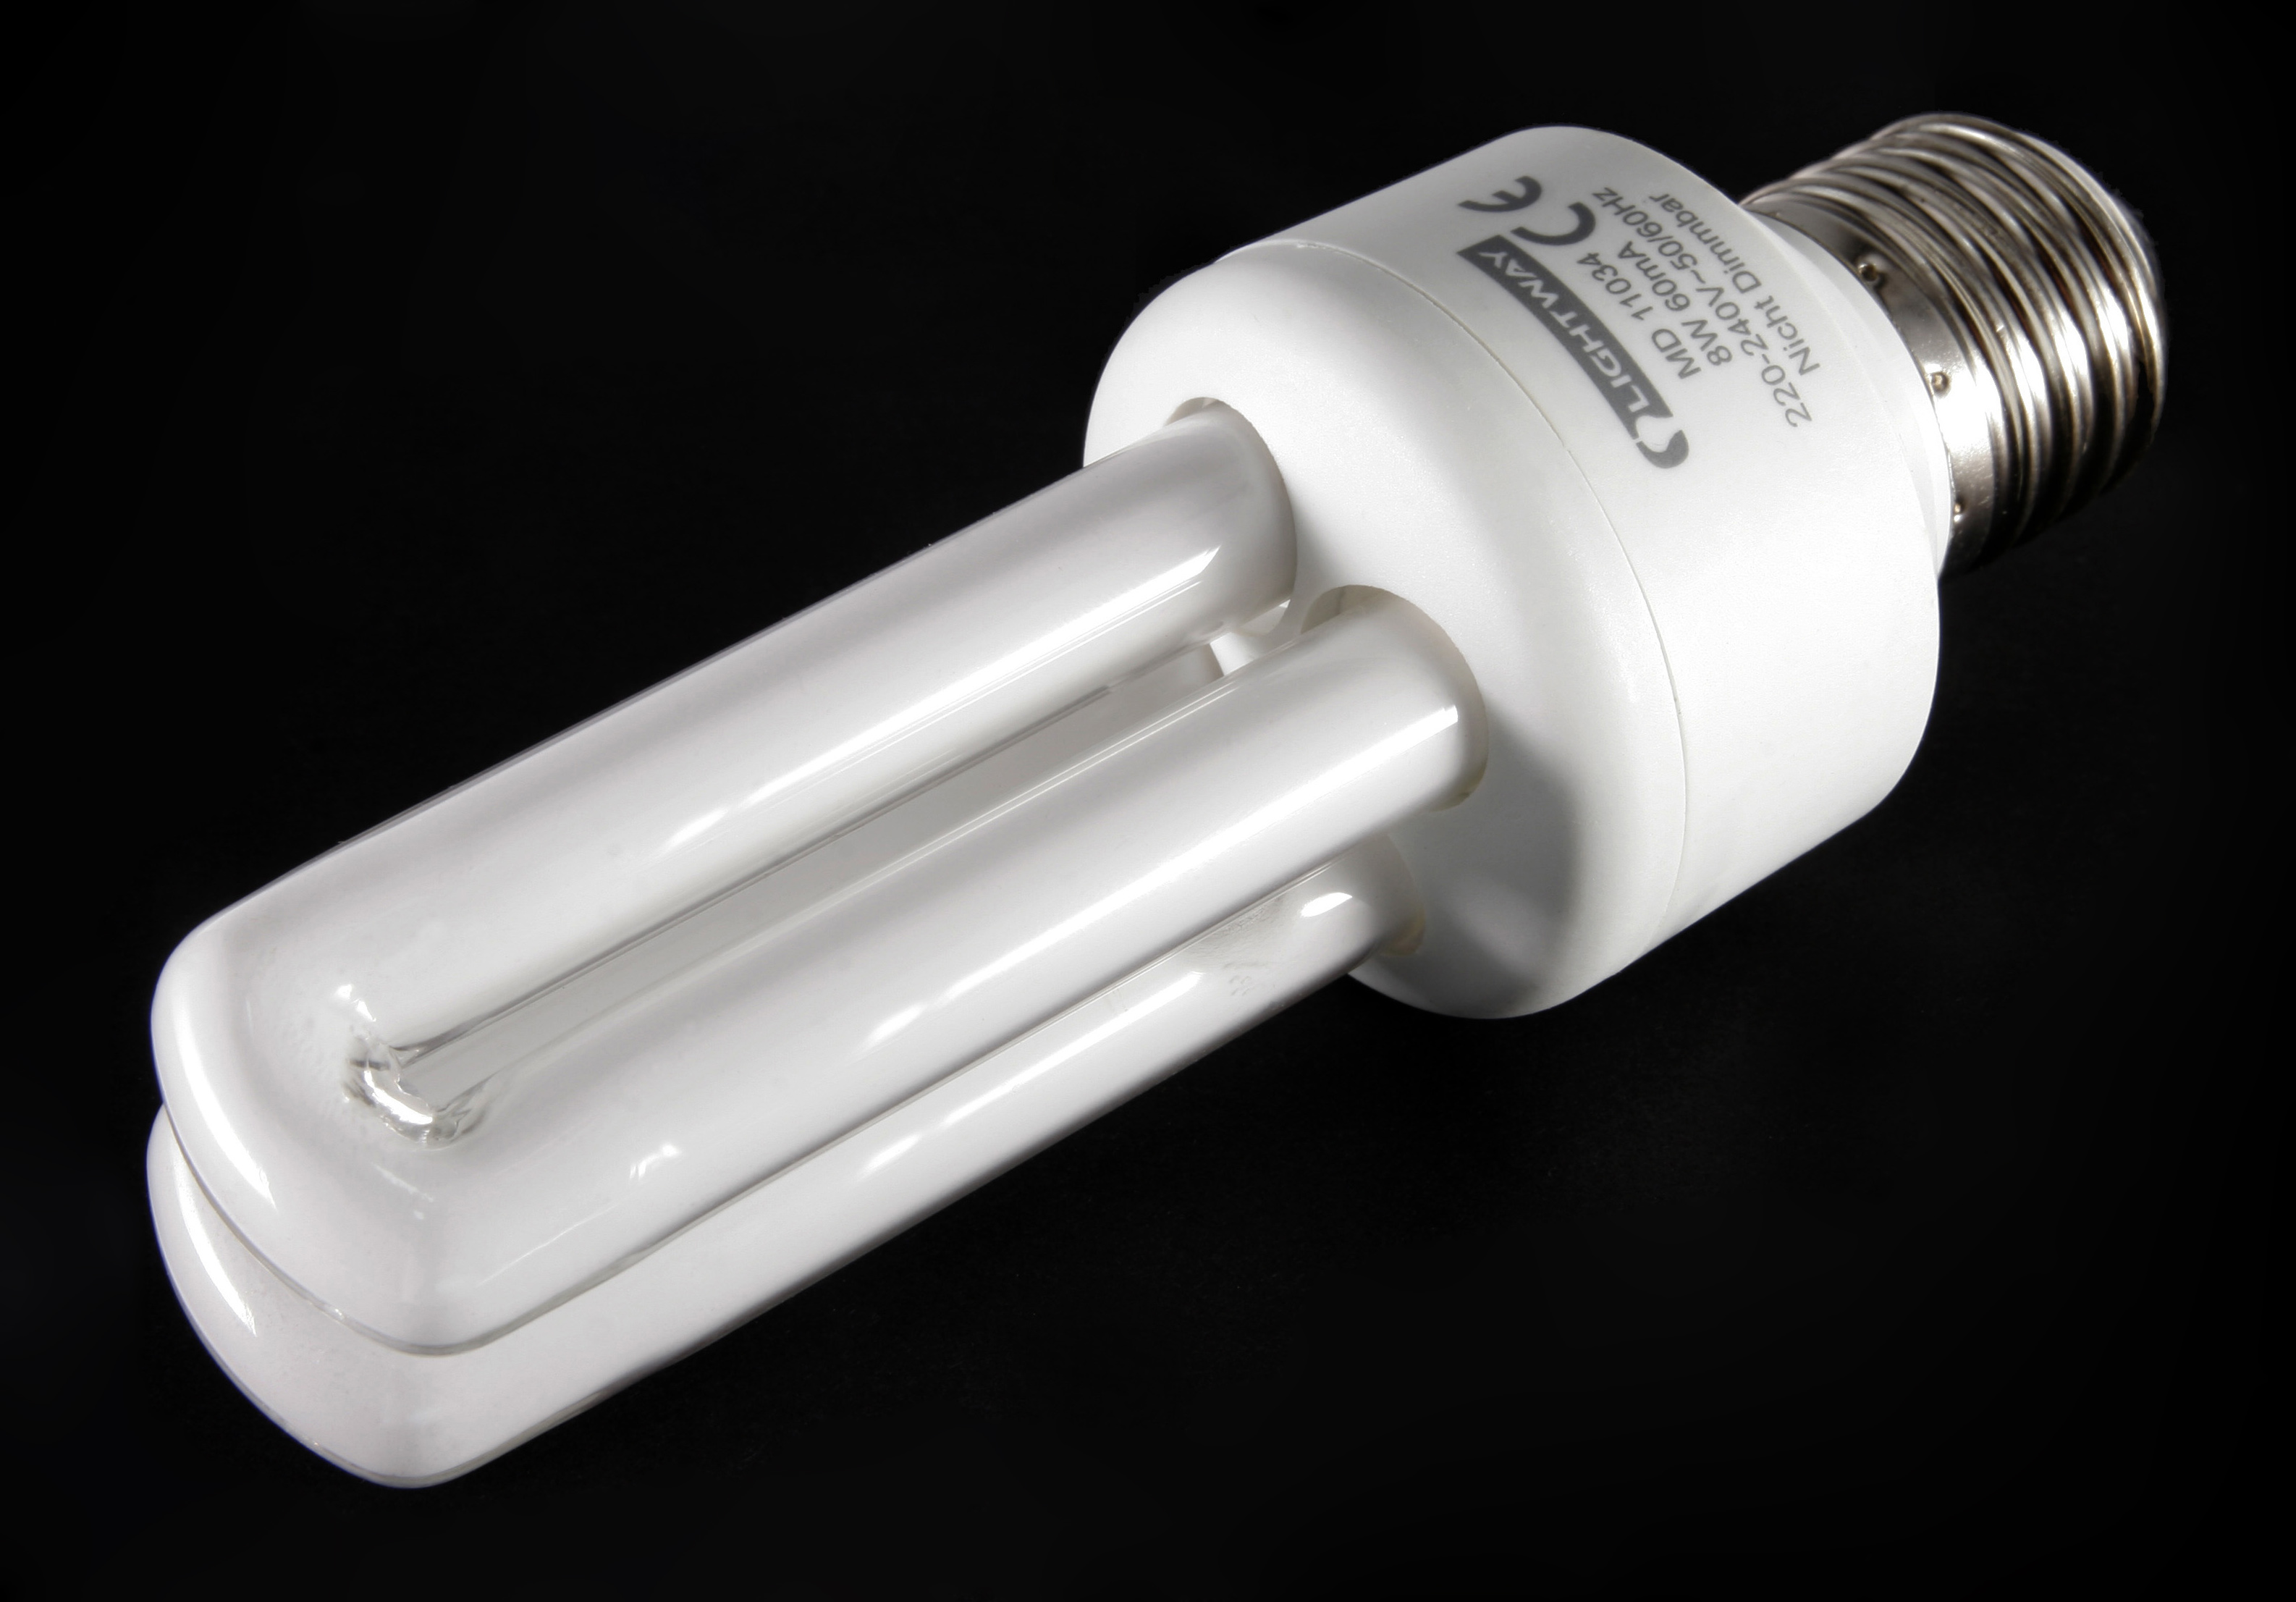 energiesparlampe01a.jpg